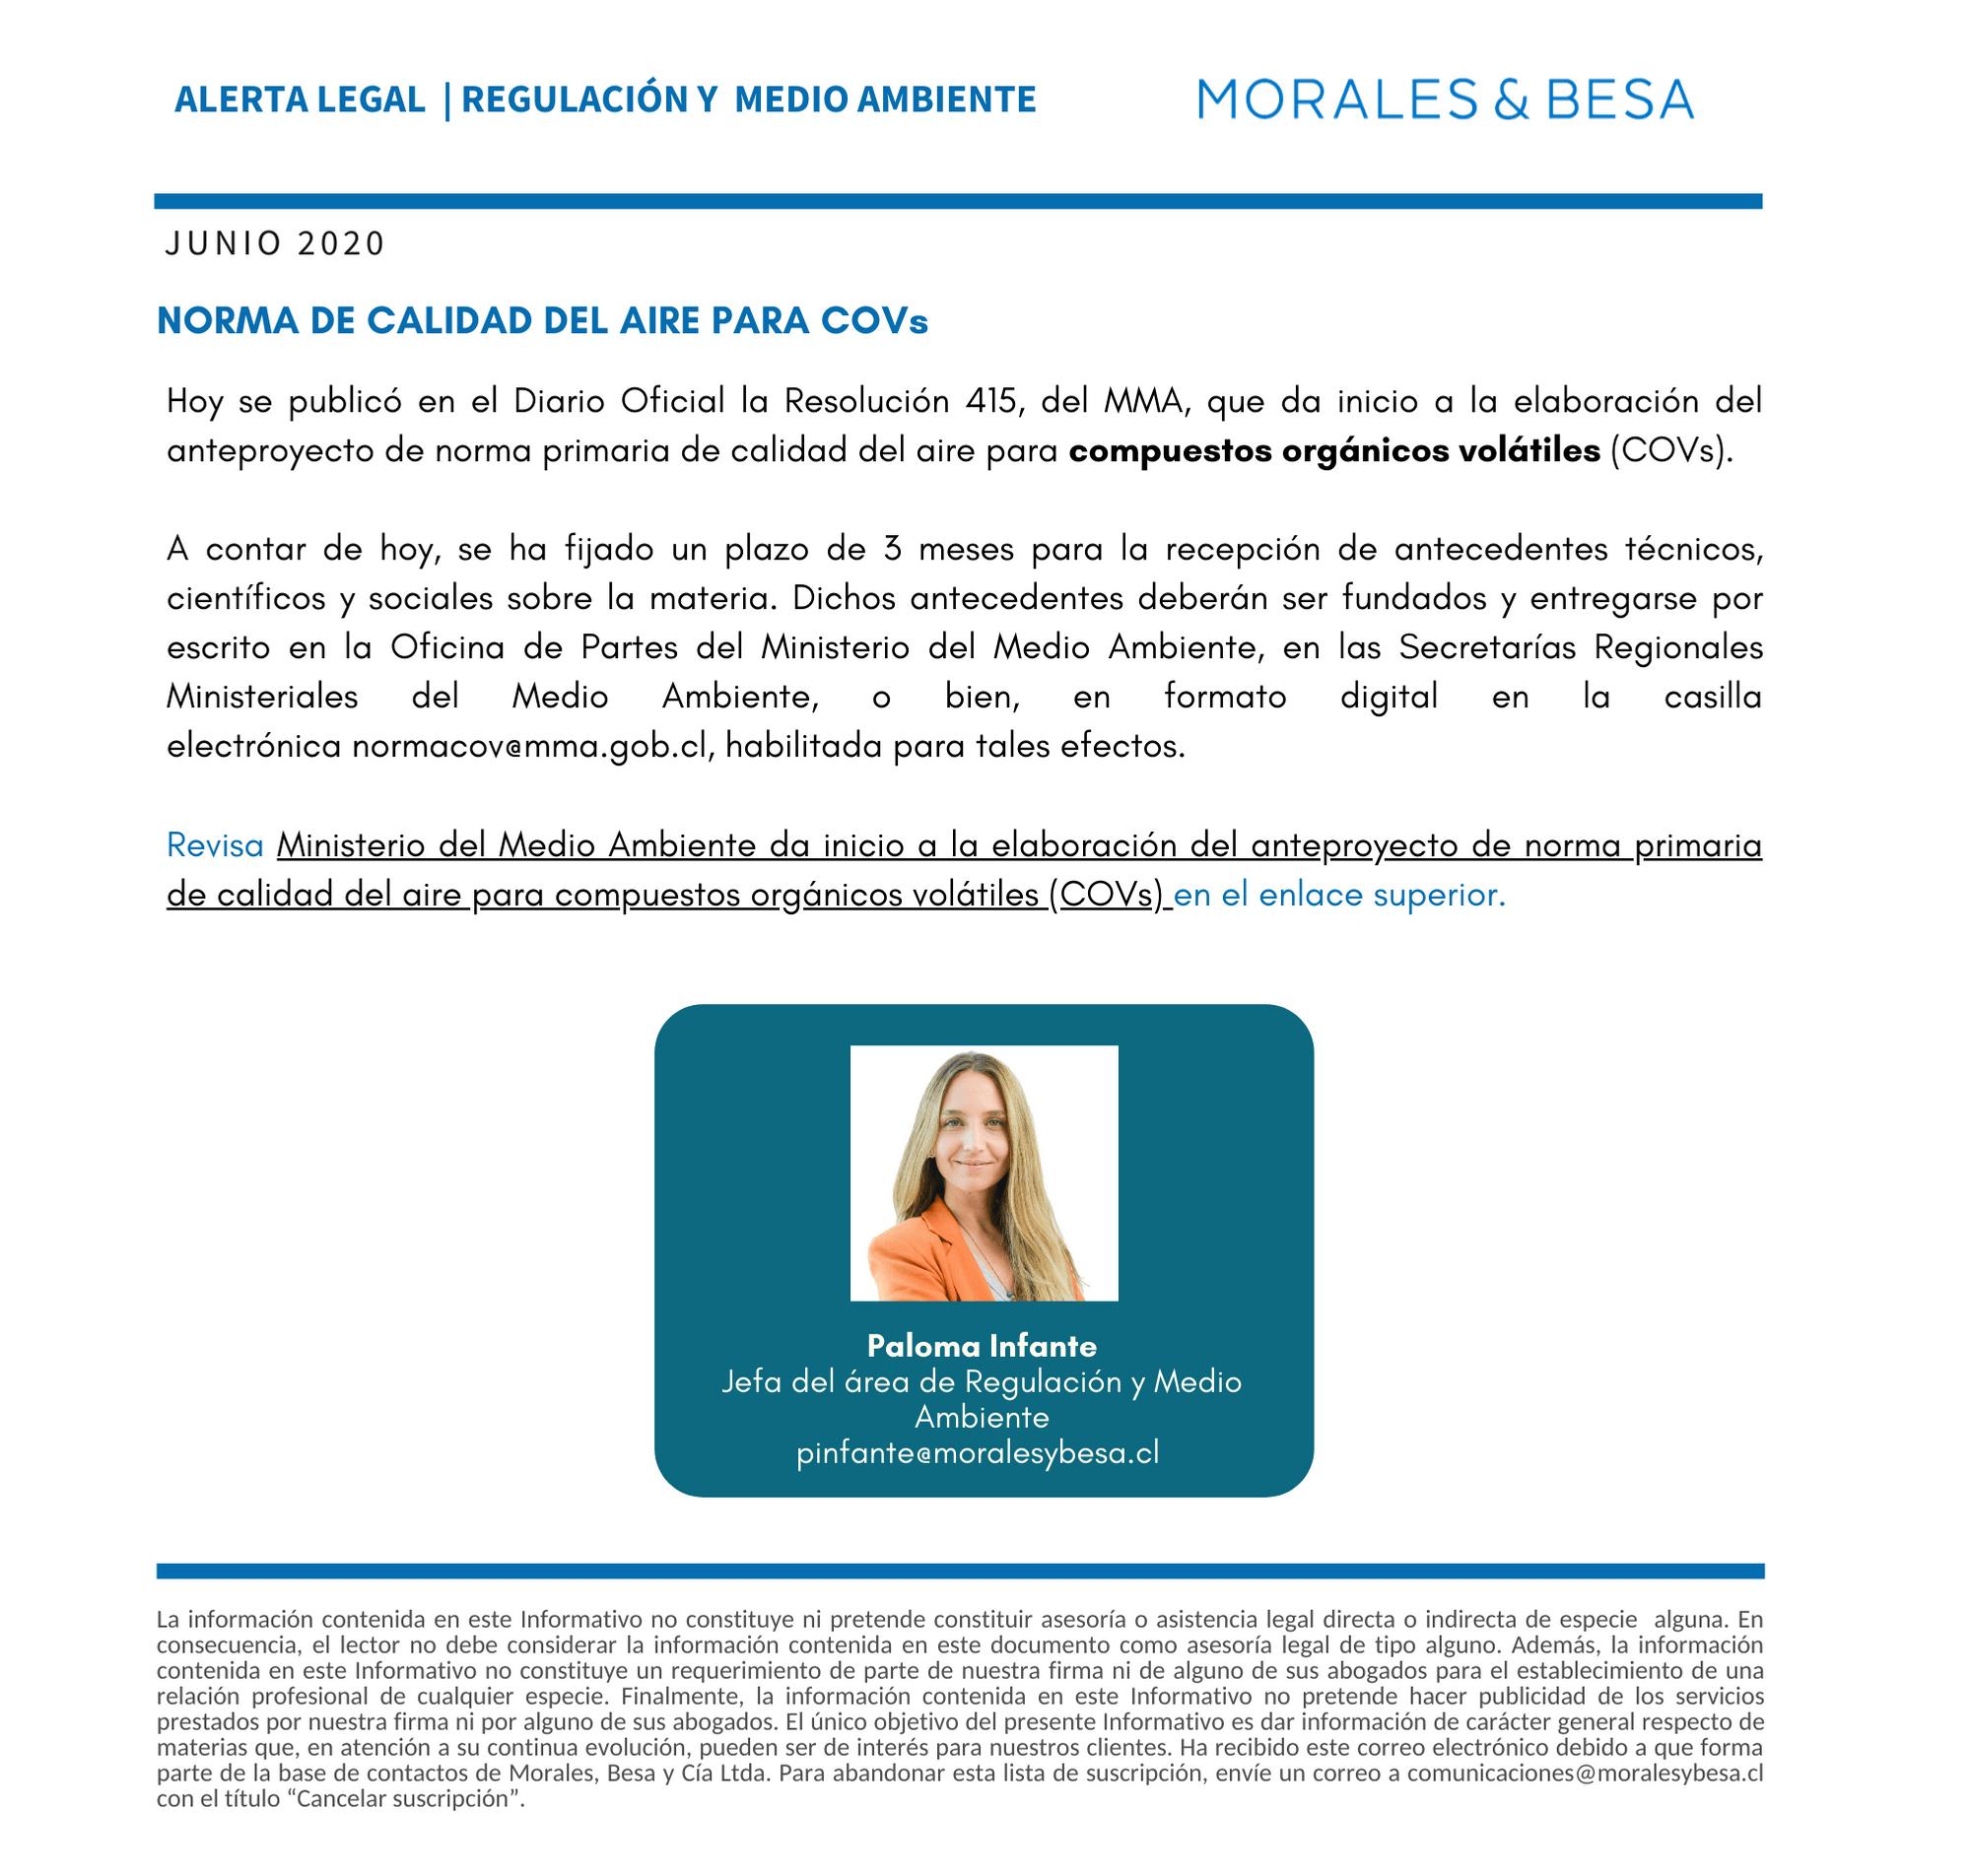 Alerta Legal M&B - Corporativo - Junio 2020